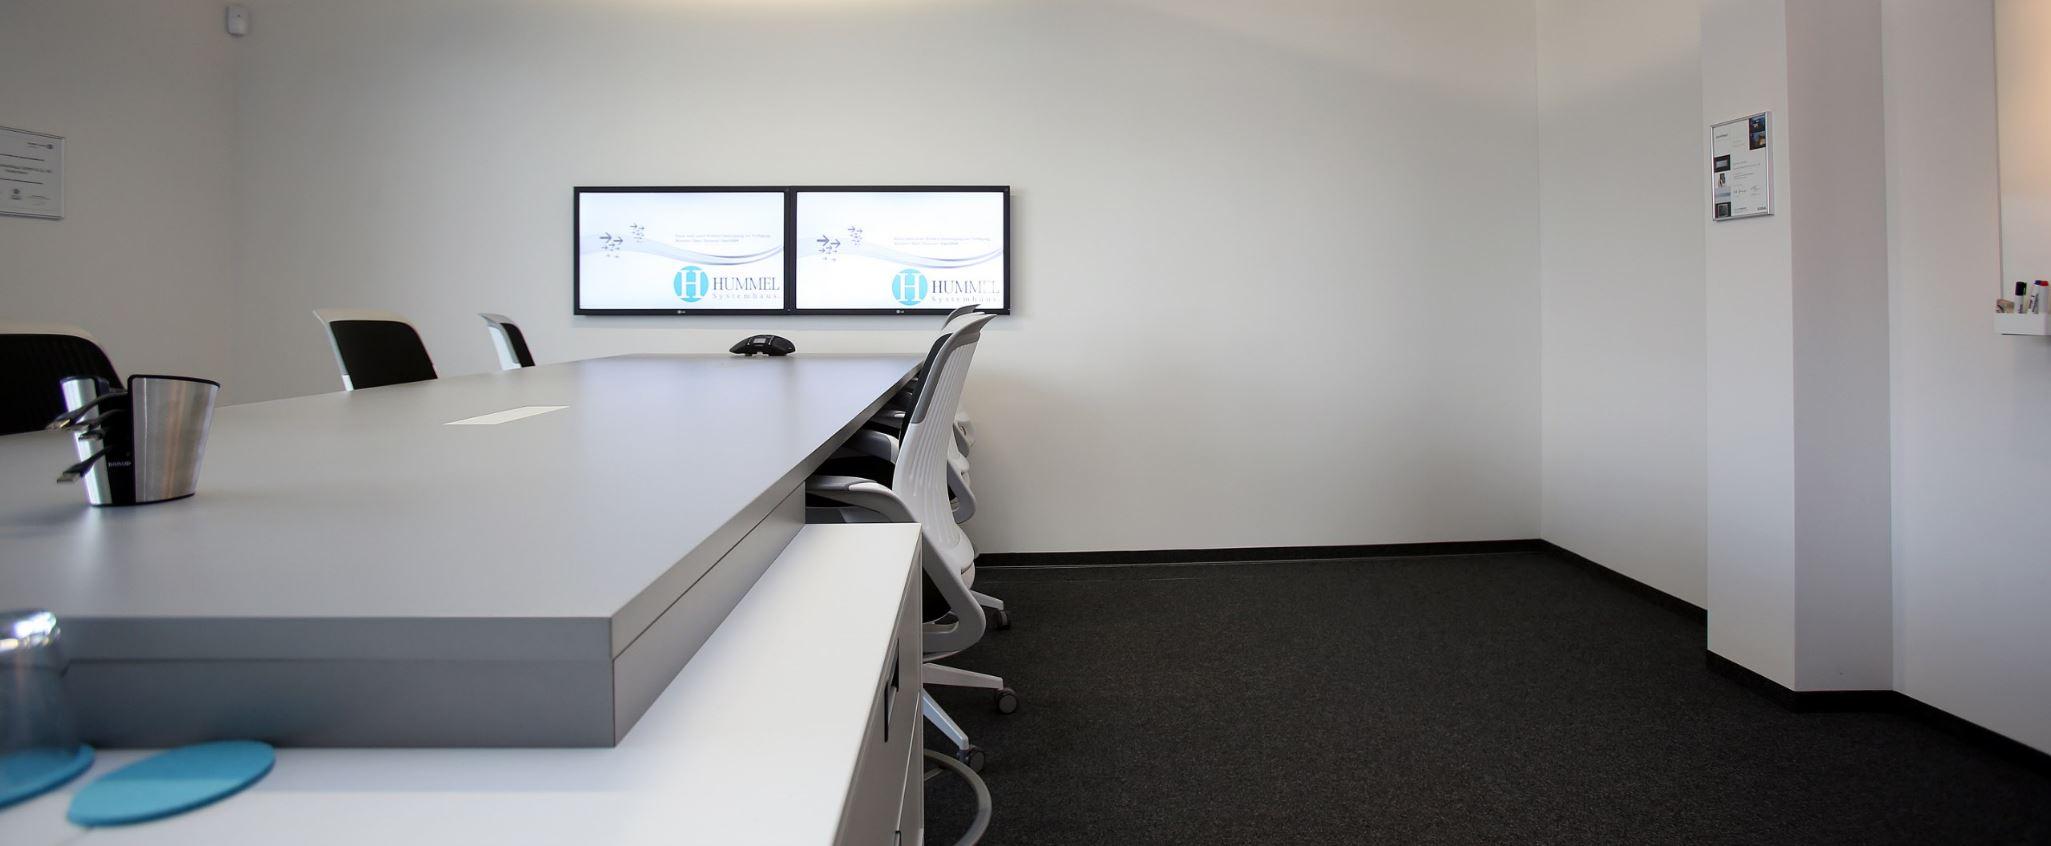 Multimedia Konferenzlösungen, Präsentationen perfekt vorbereitet,